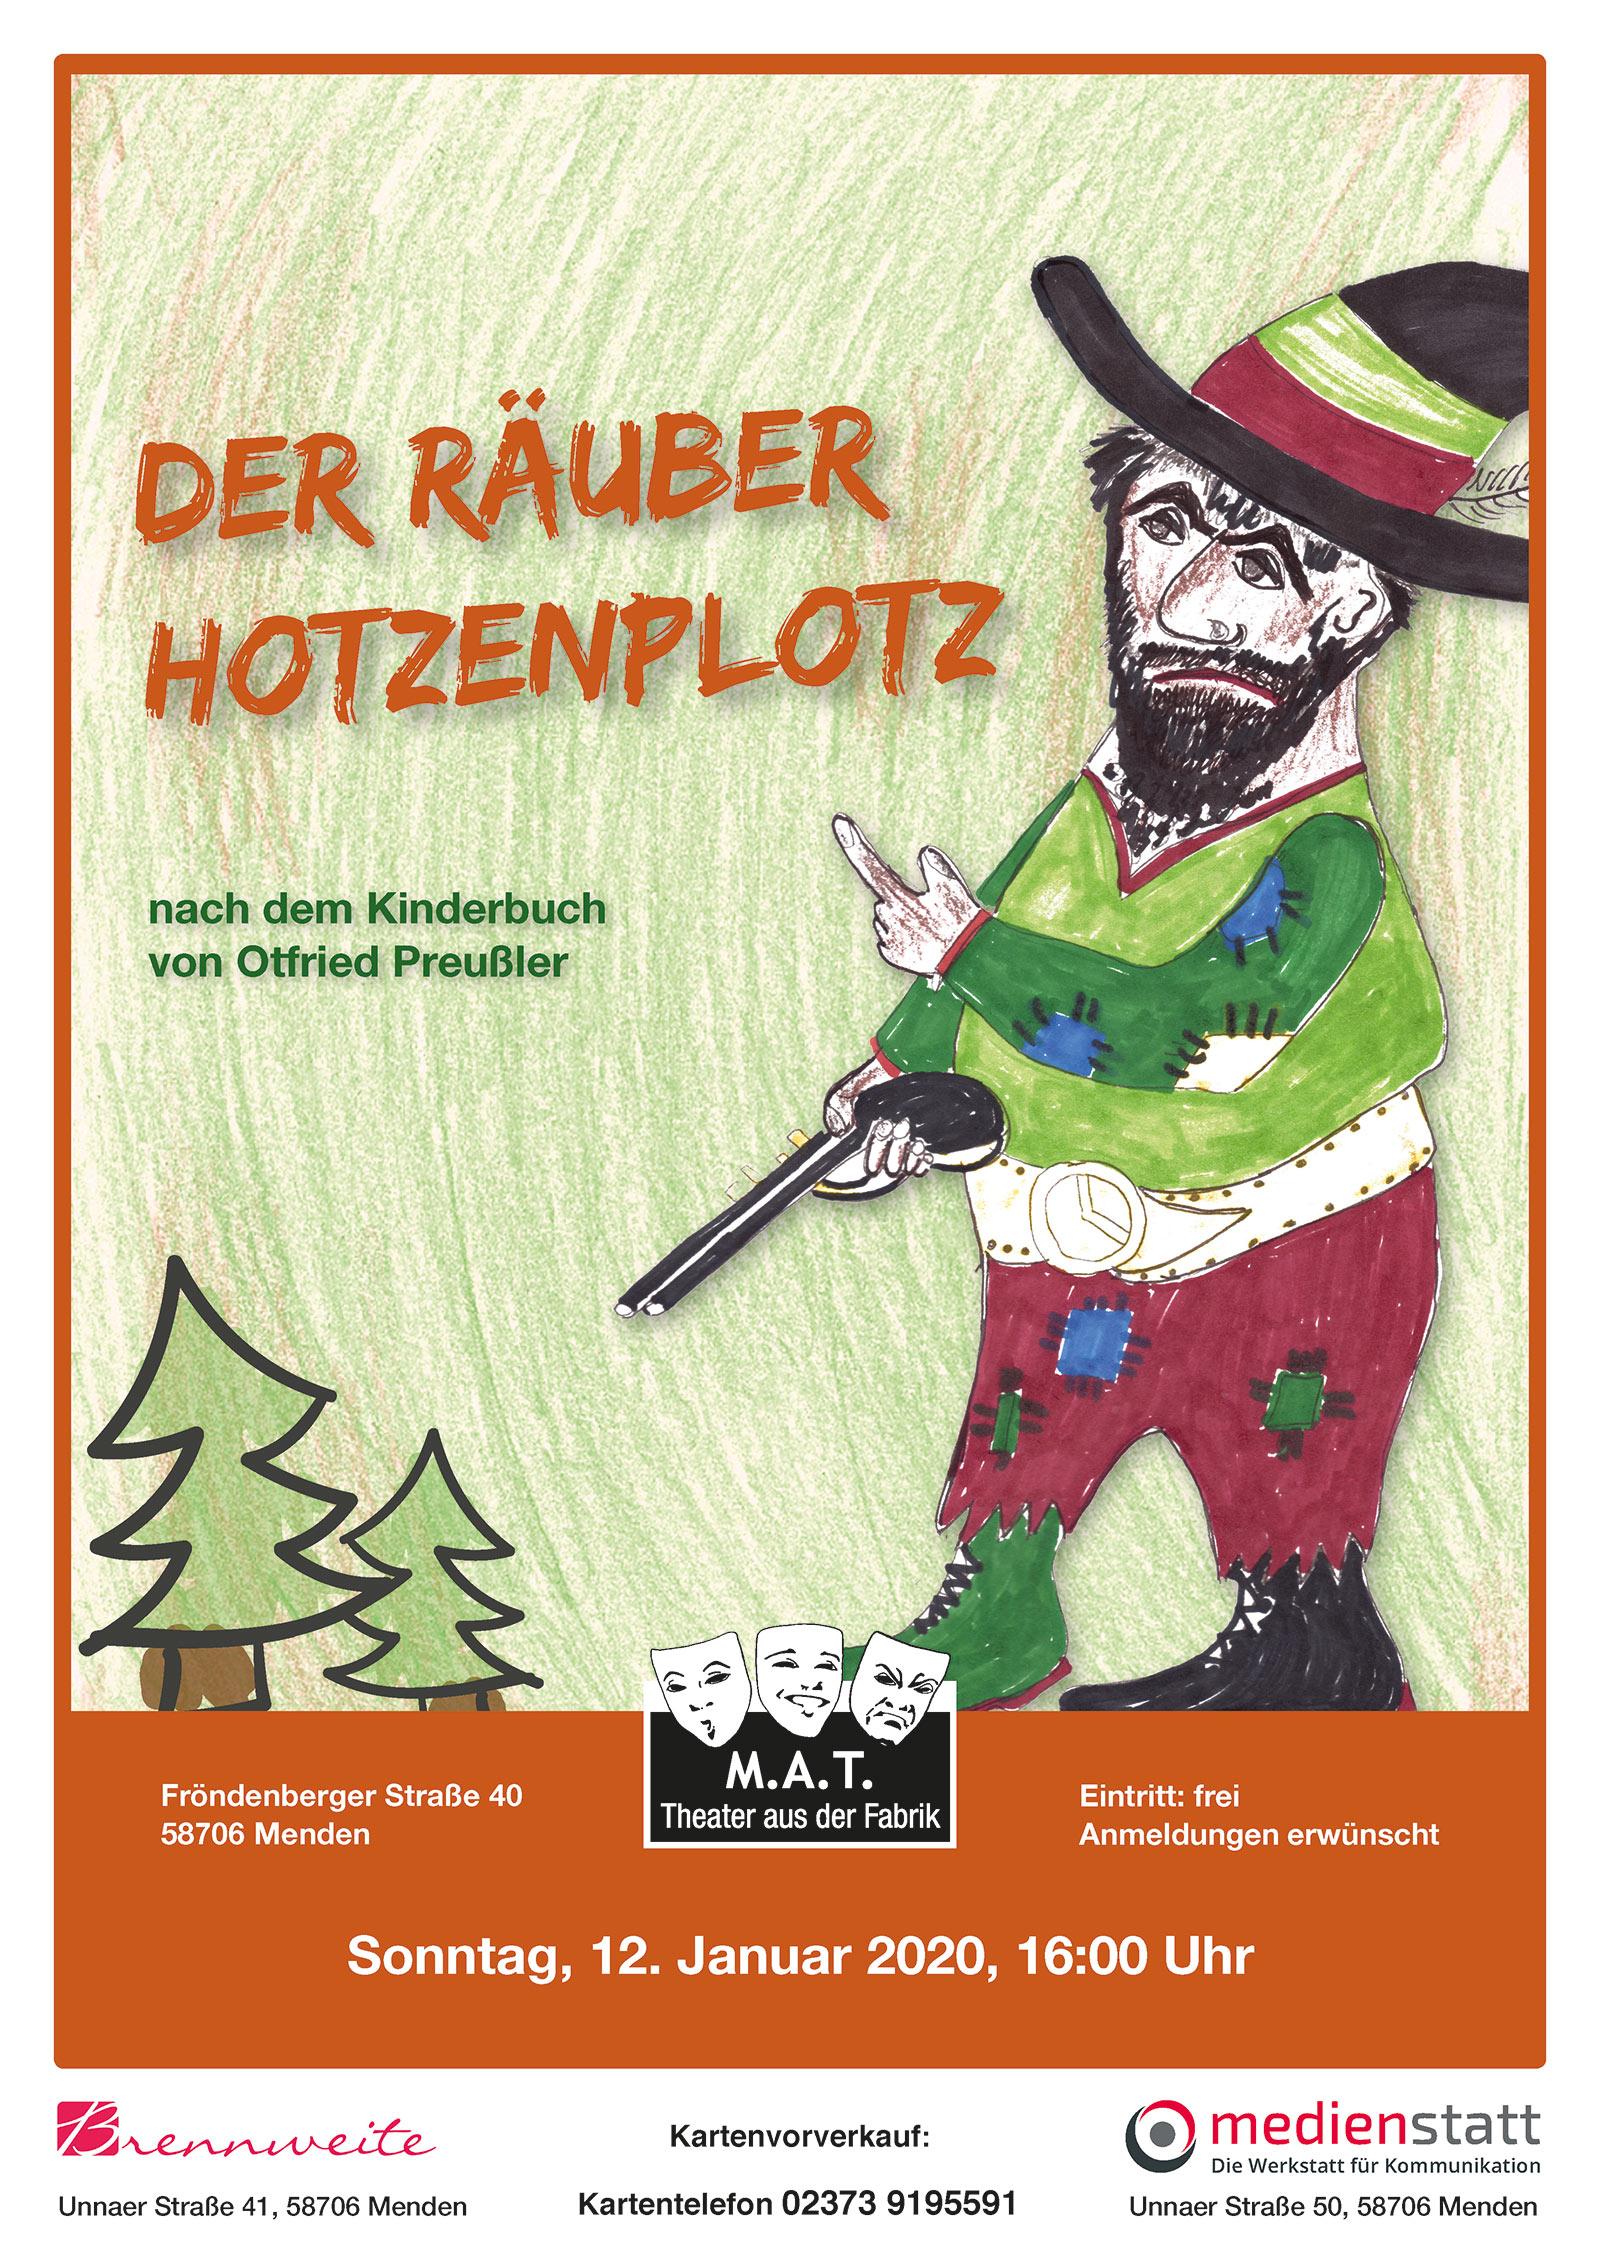 Märchen - Der Räuber Hotzenplotz   - ein Theaterstück nach dem Buch von Ottfried Preußler